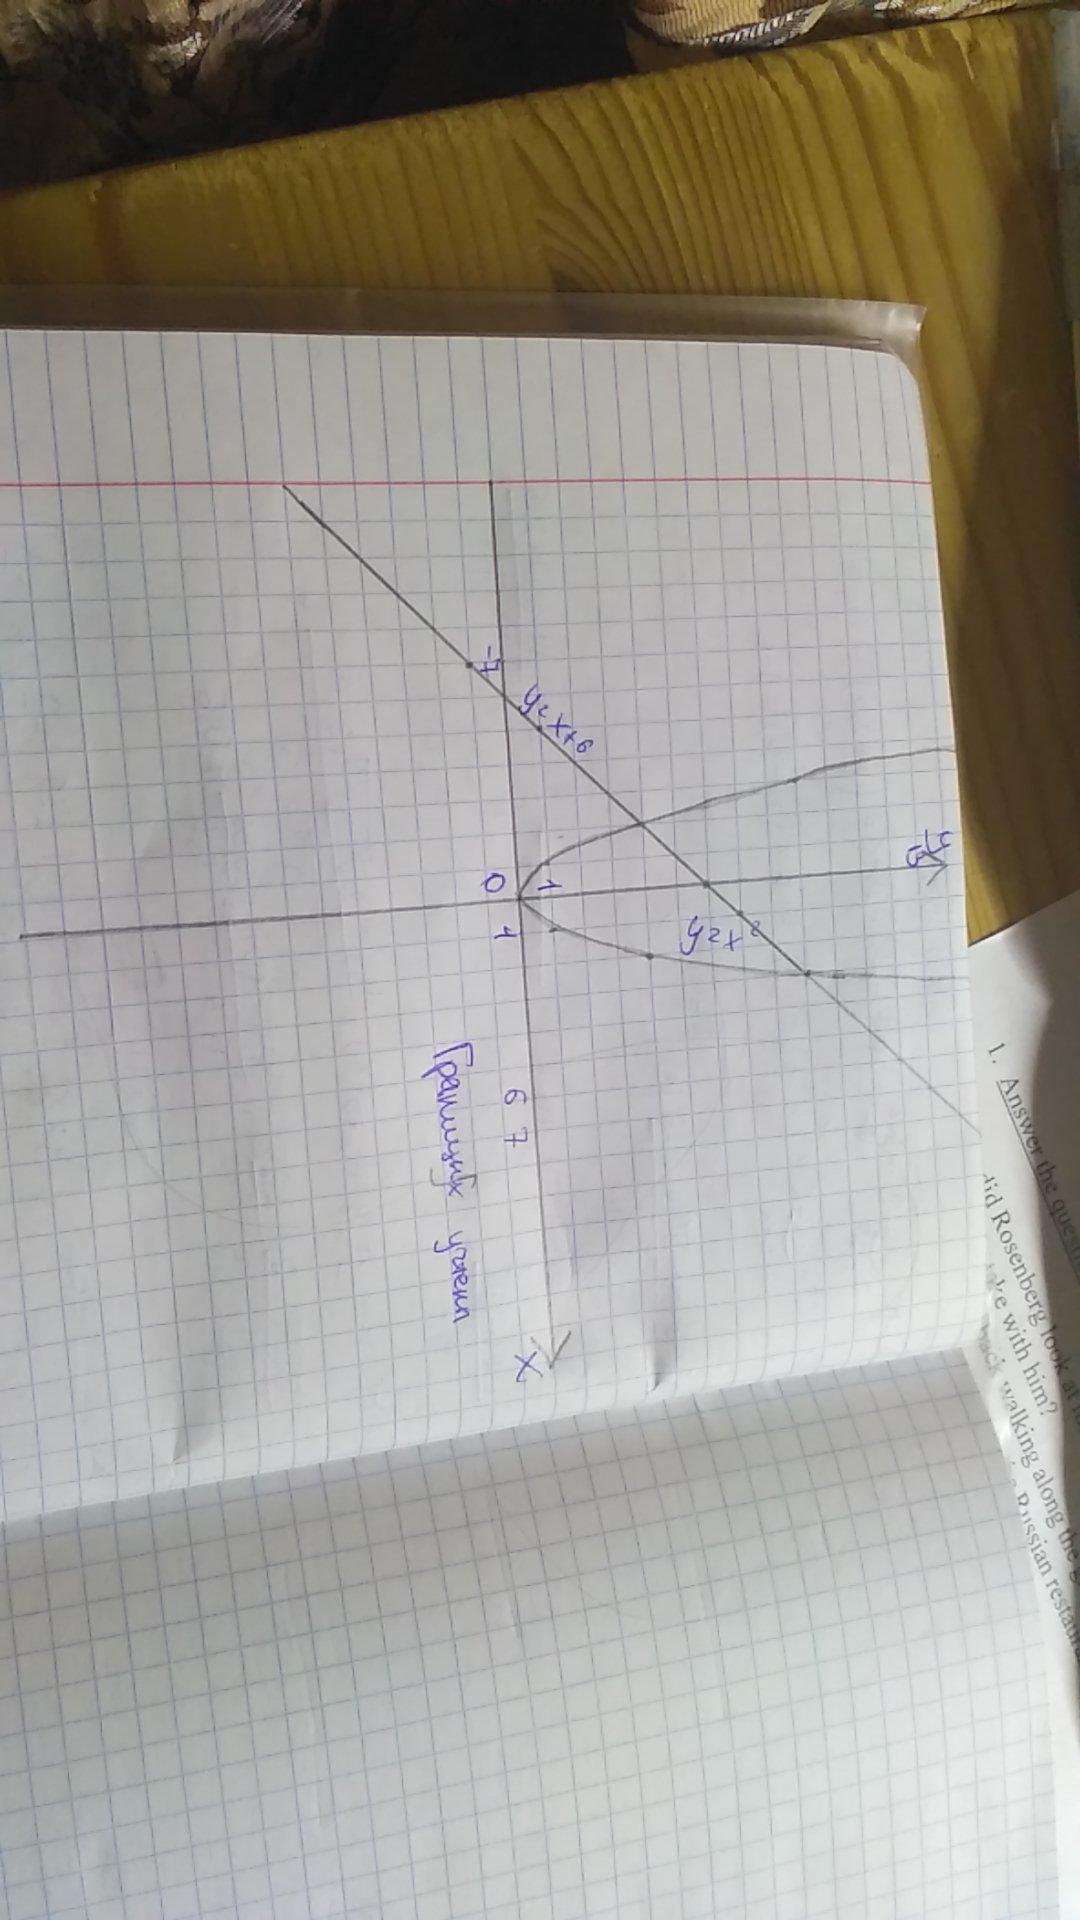 В одной системе координат постройте графики функций у = х² и у = х + 6, с их помощью найдите решение уравнения х² - х - 6 = 0?